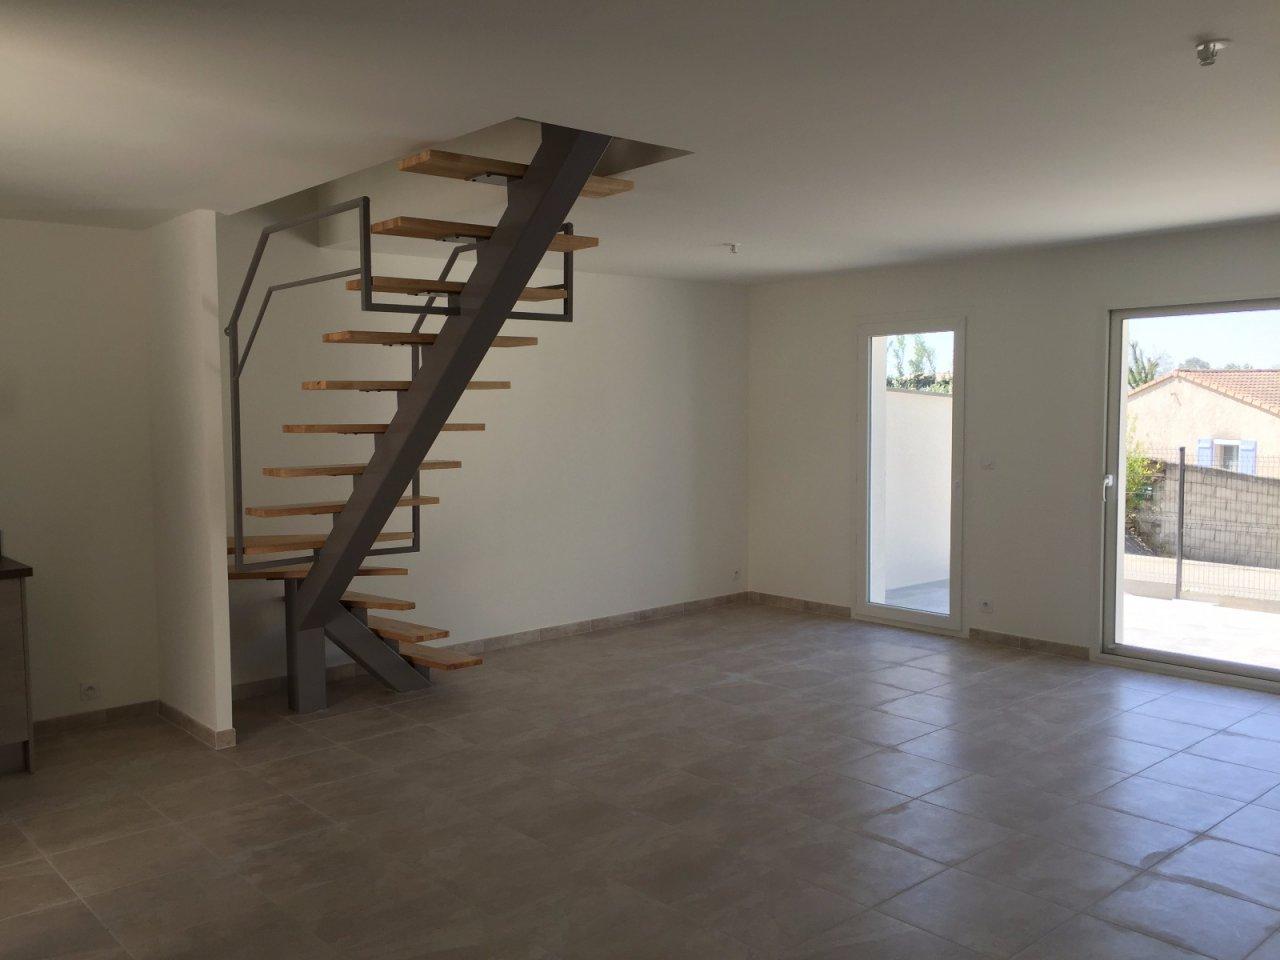 Location maison/villa 4 pièces piolenc 84420